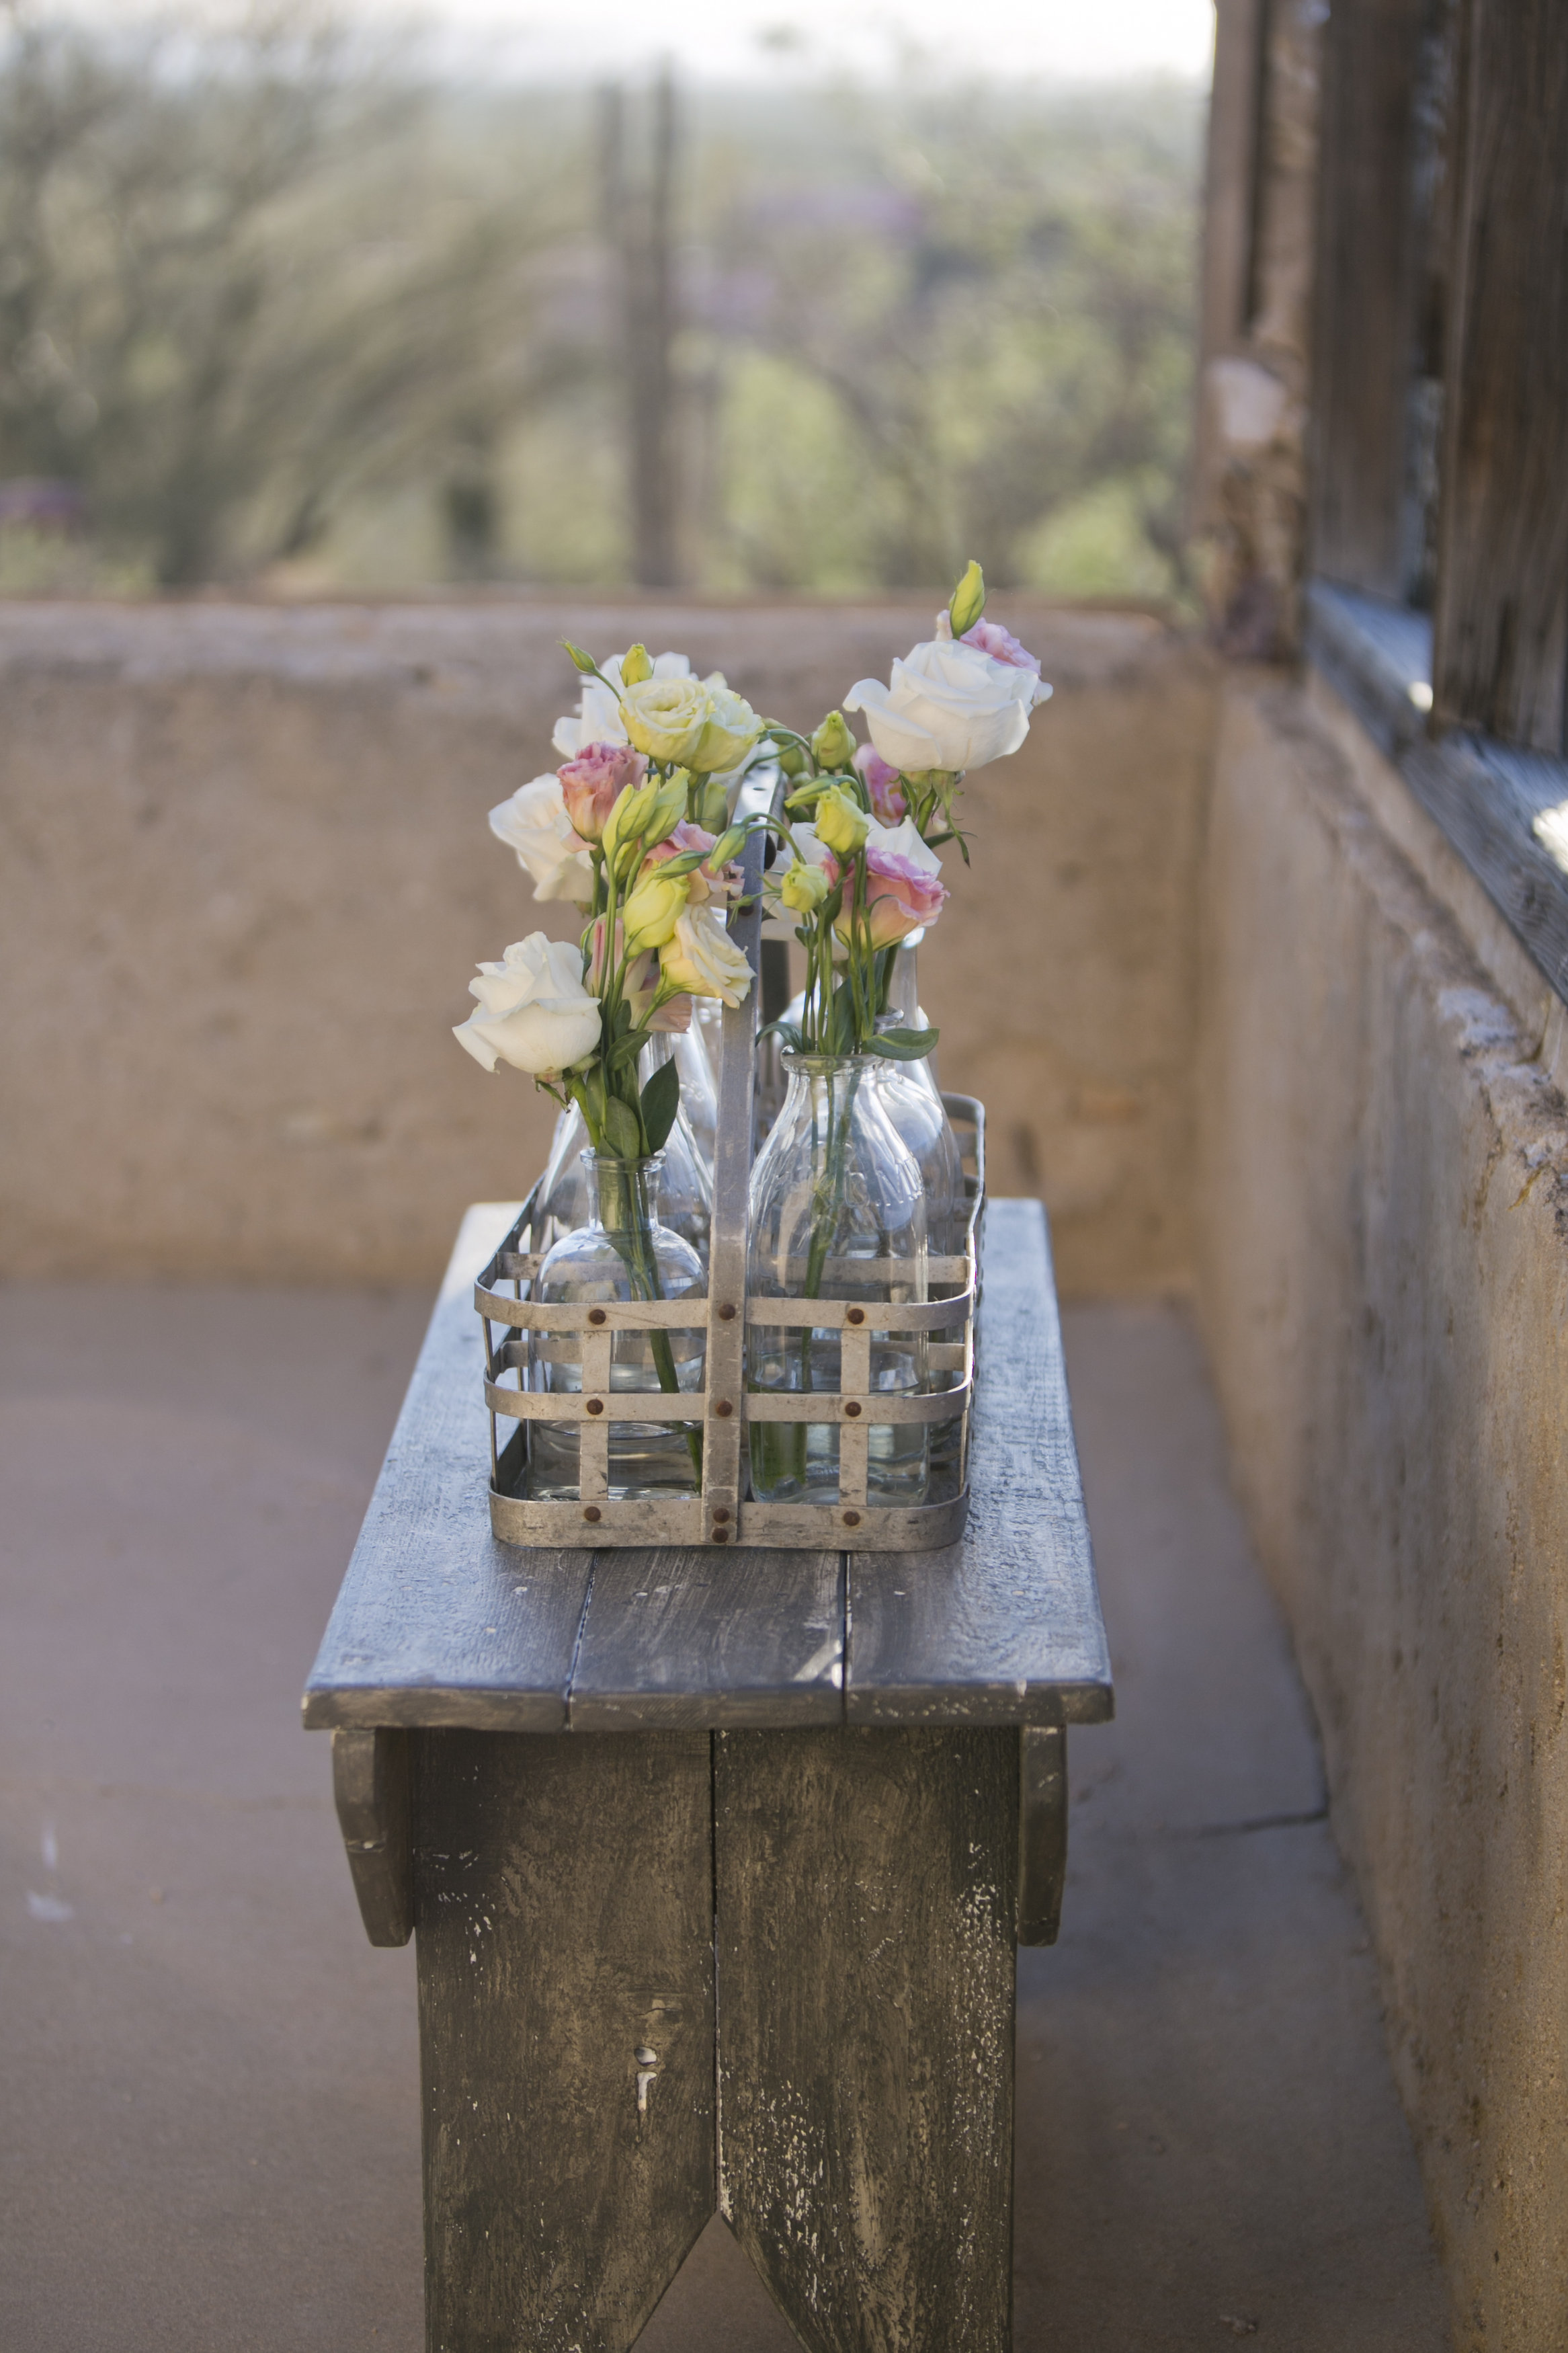 Ceci_New_York_Ceci_Style_Ceci_Johnson_Luxury_Lifestyle_Arizona_Wedding_Watercolor_Inspiration_Design_Custom_Couture_Personalized_Invitations_136.jpg